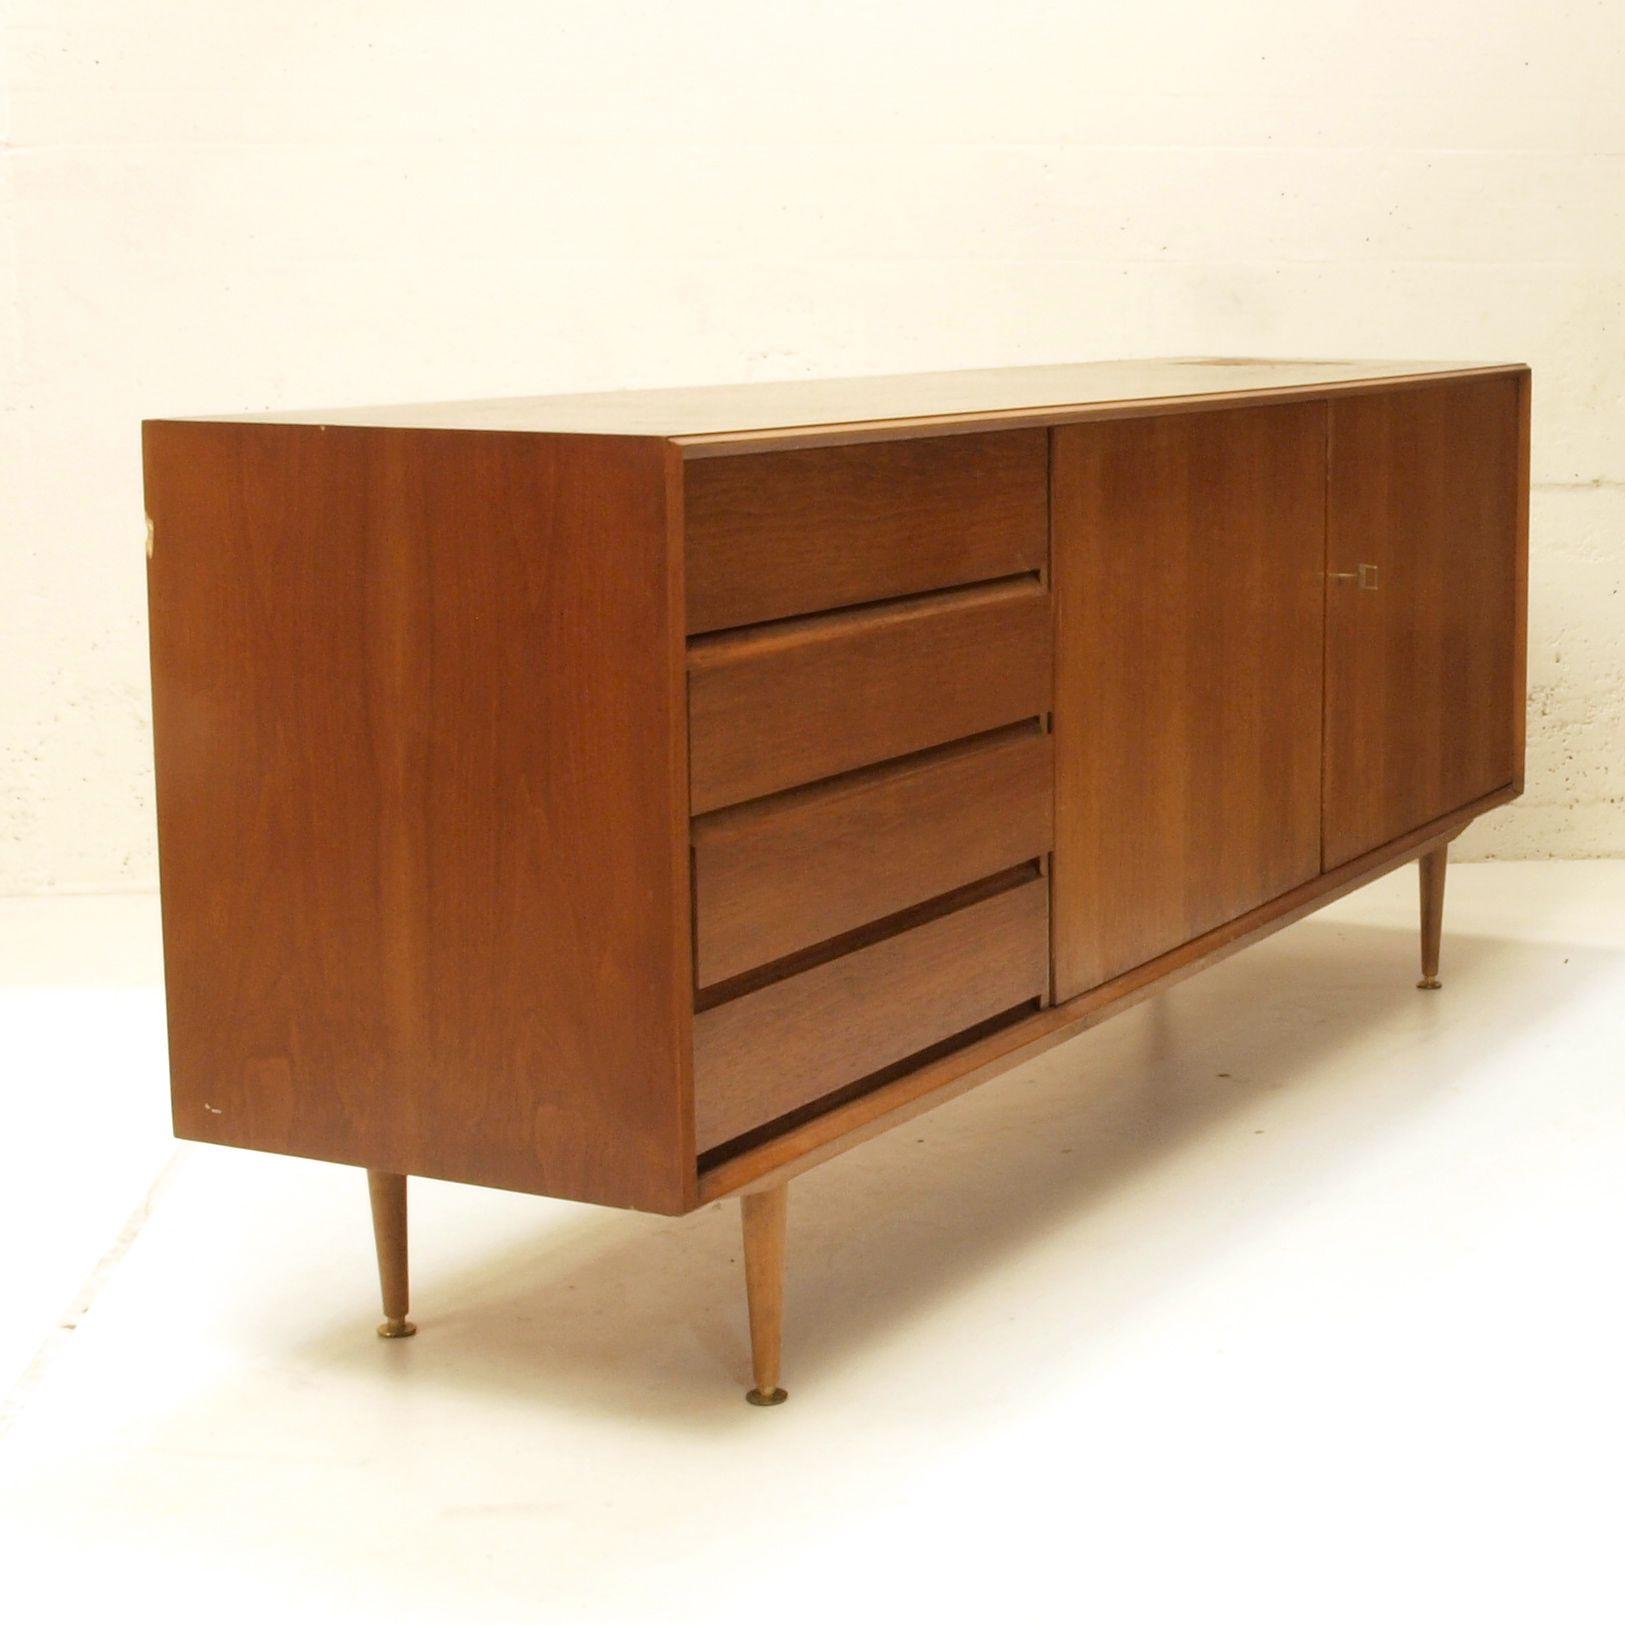 sideboard teak 2 meter in restauration m bel z rich vintagem bel. Black Bedroom Furniture Sets. Home Design Ideas